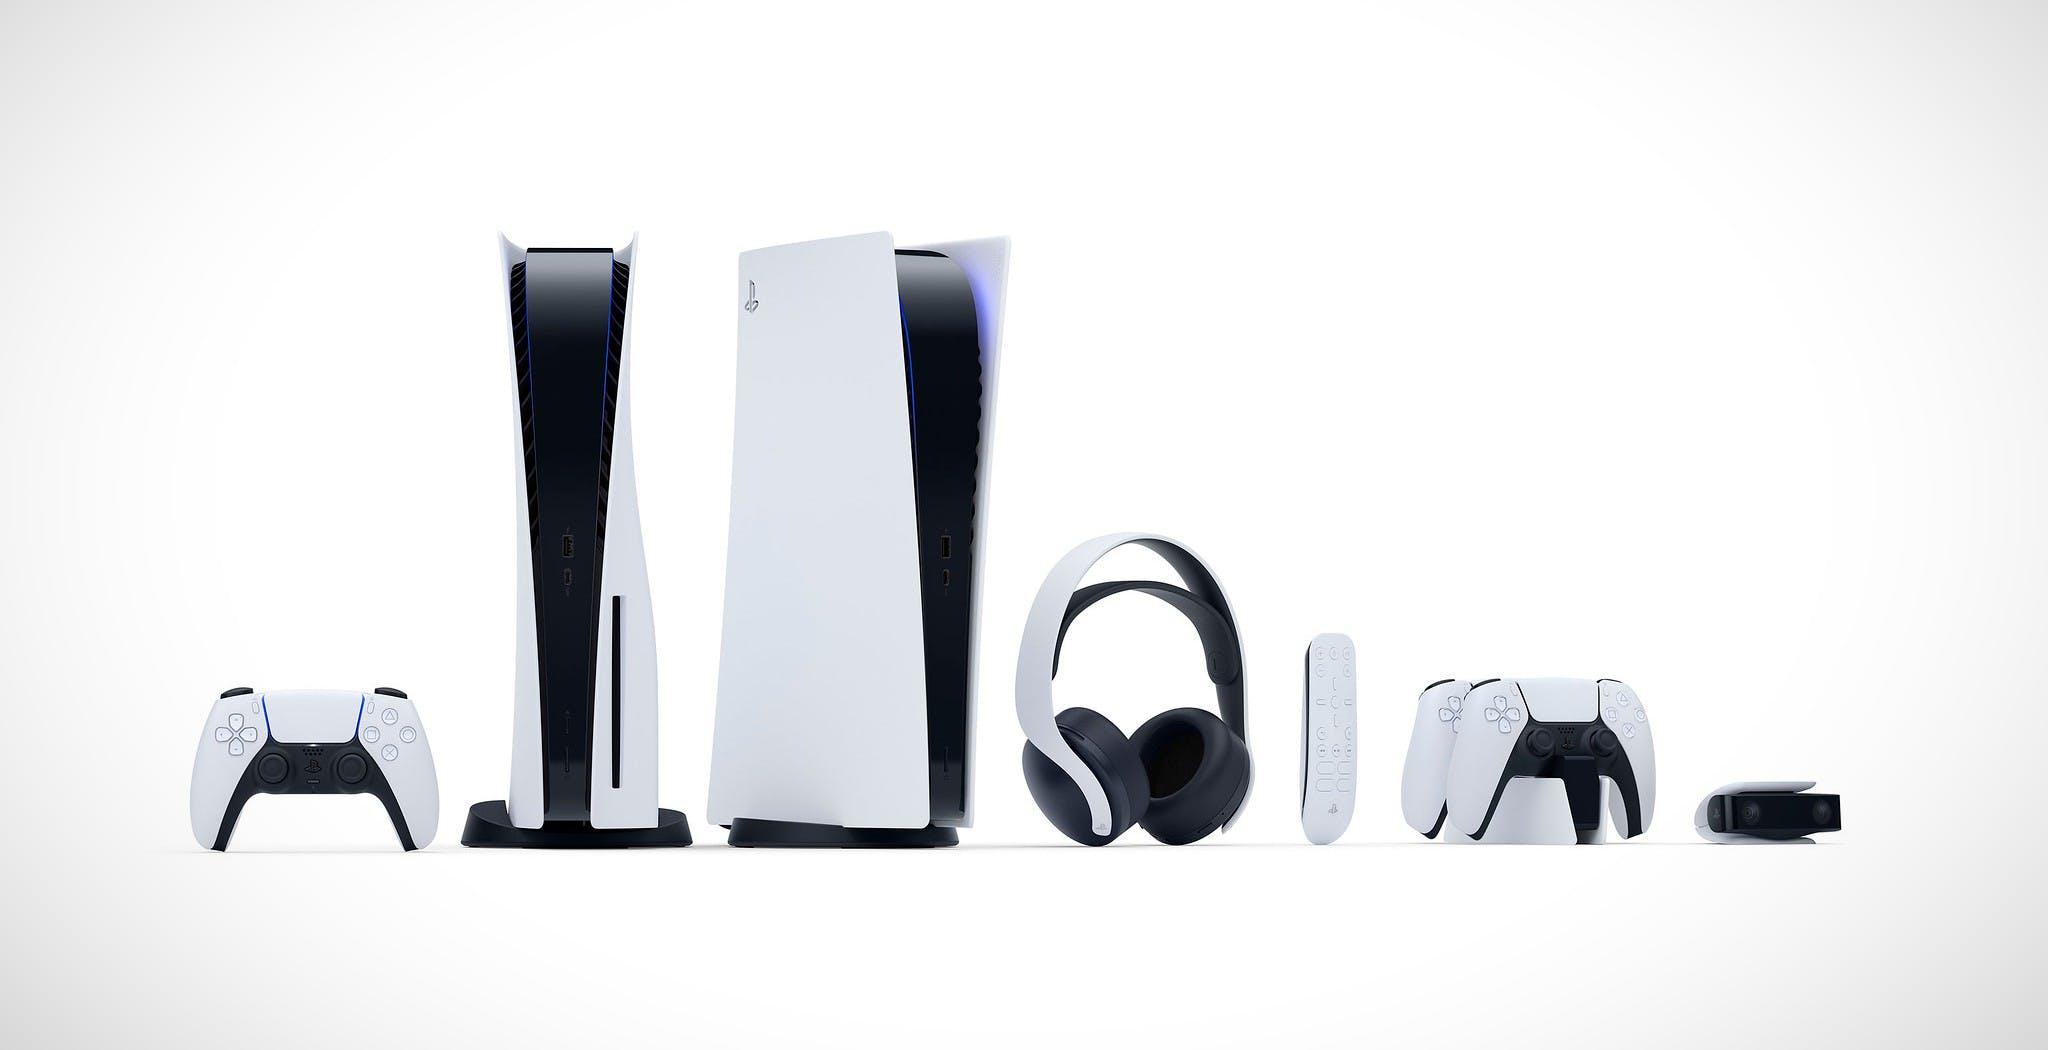 Caccia alle console: Sony produrrà più PS5 del previsto per soddisfare la domanda